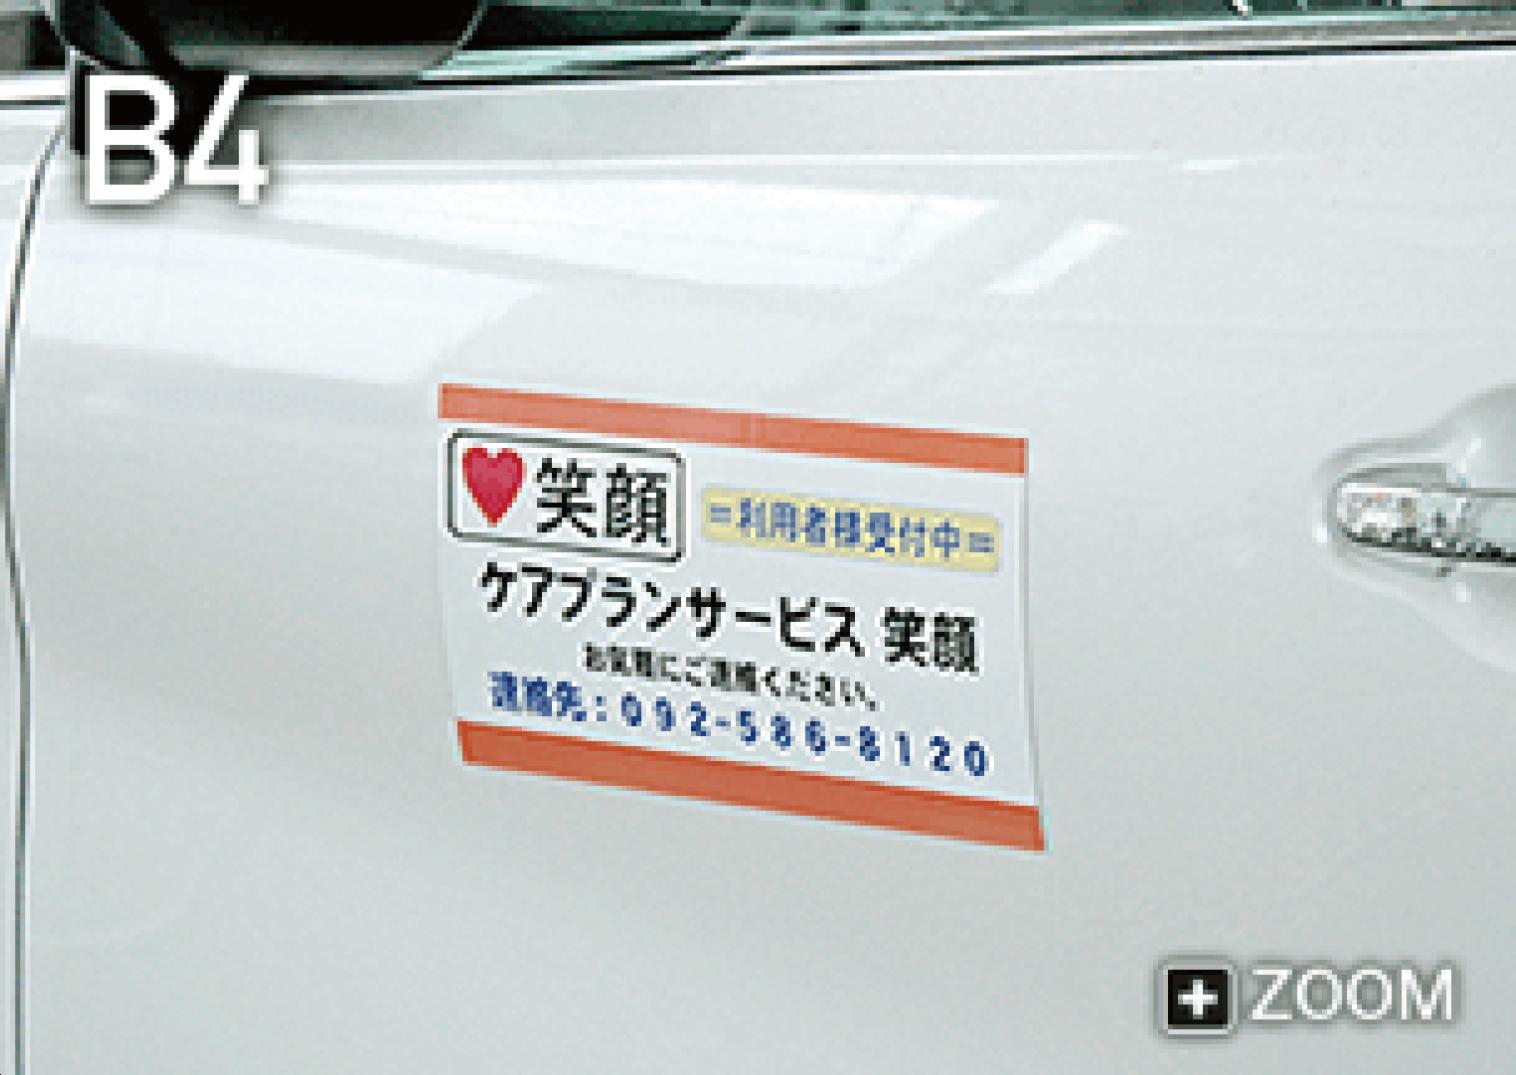 凹凸のある車体にも貼り付け可能。